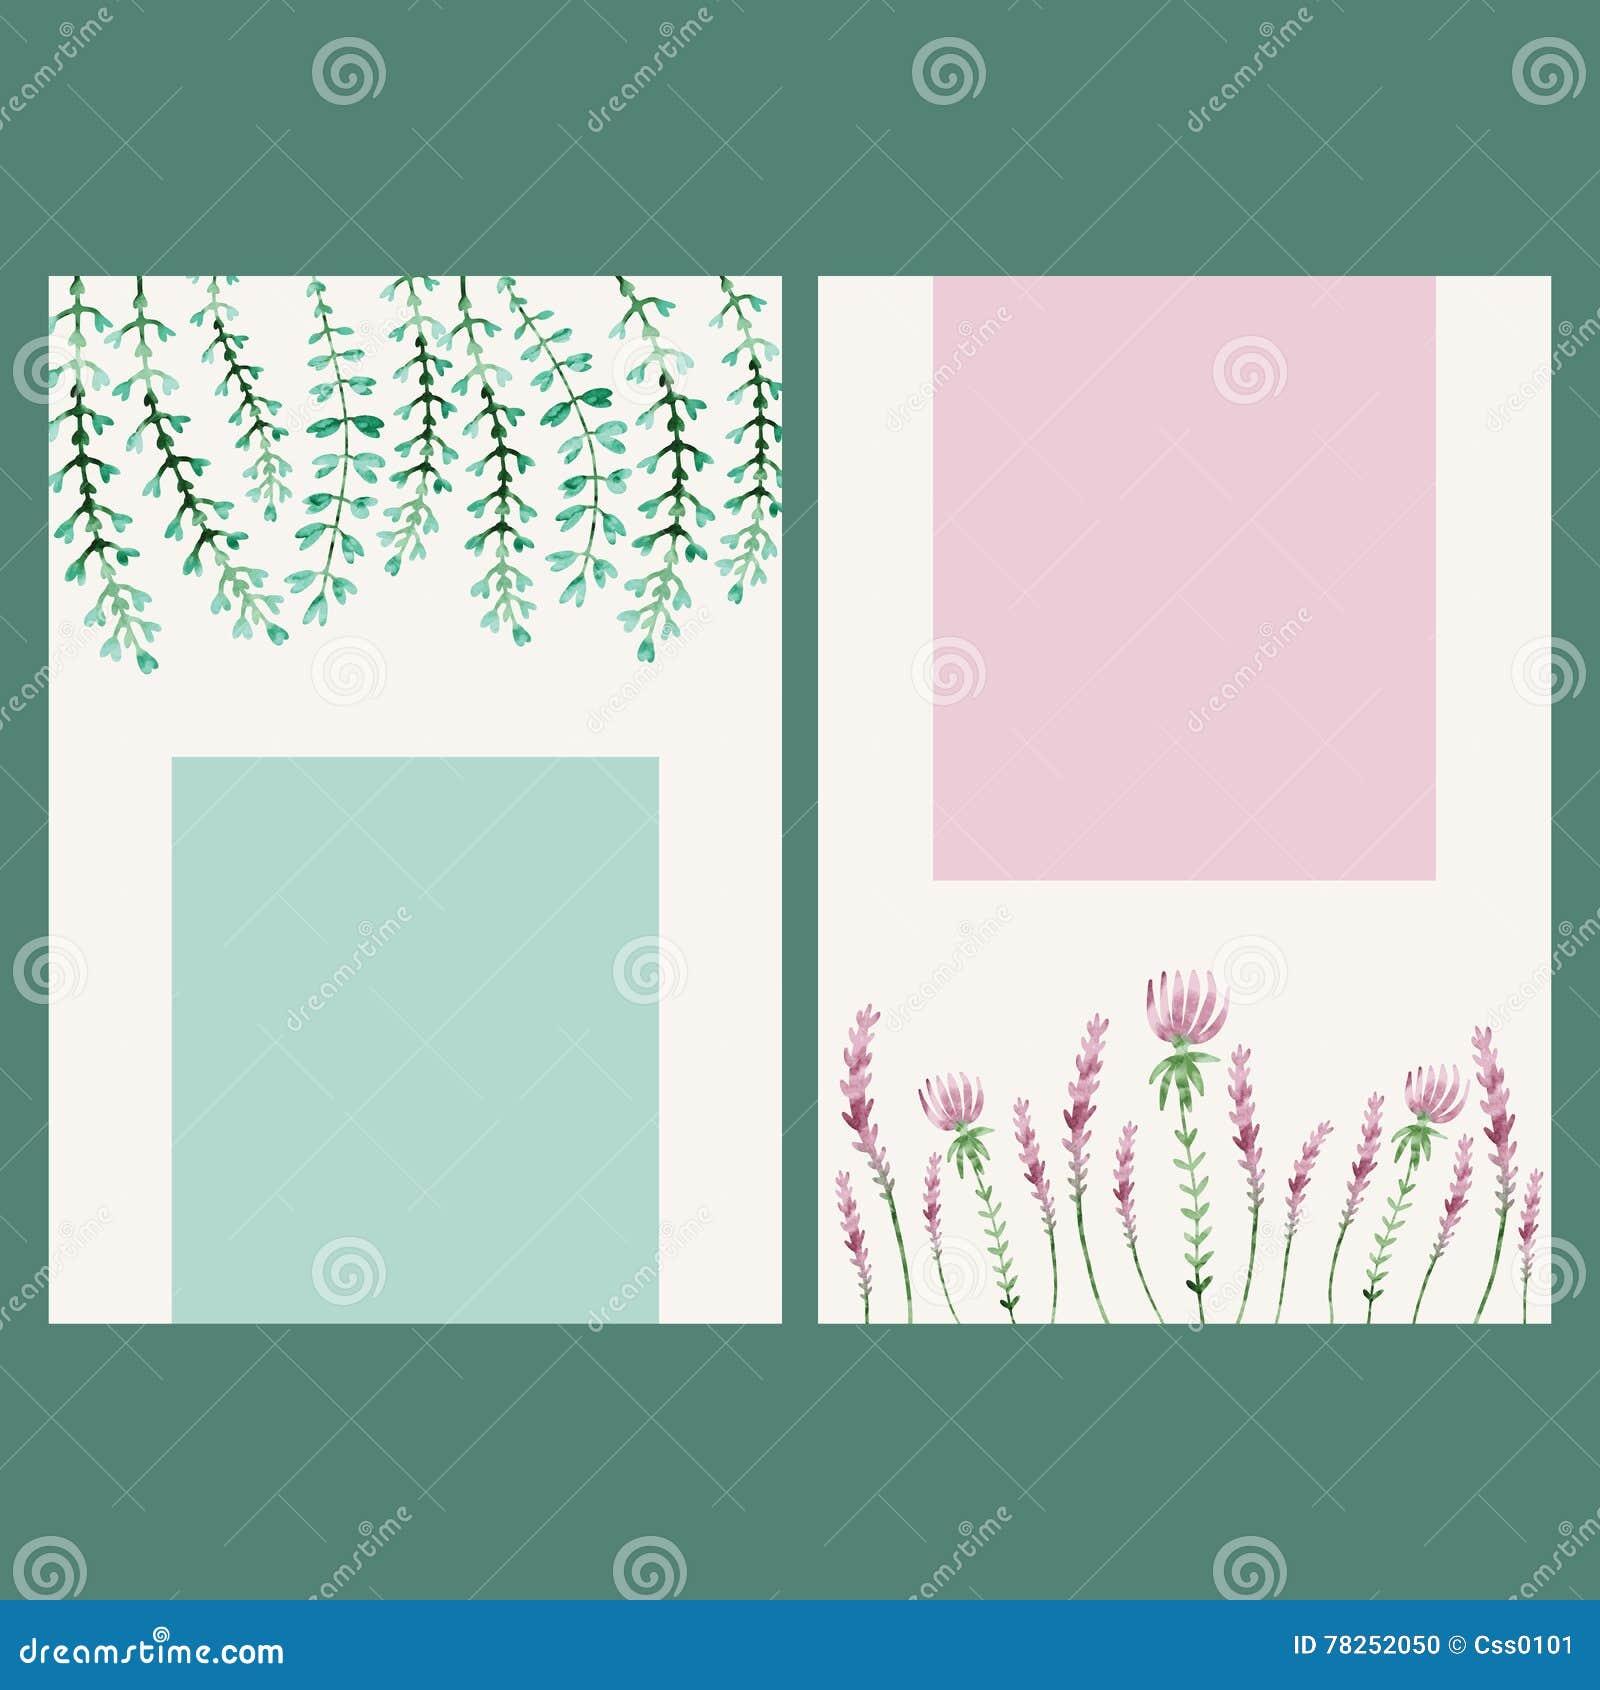 Διανυσματικό floral έμβλημα watercolor Το χέρι σύρει τα βοτανικά σύνορα